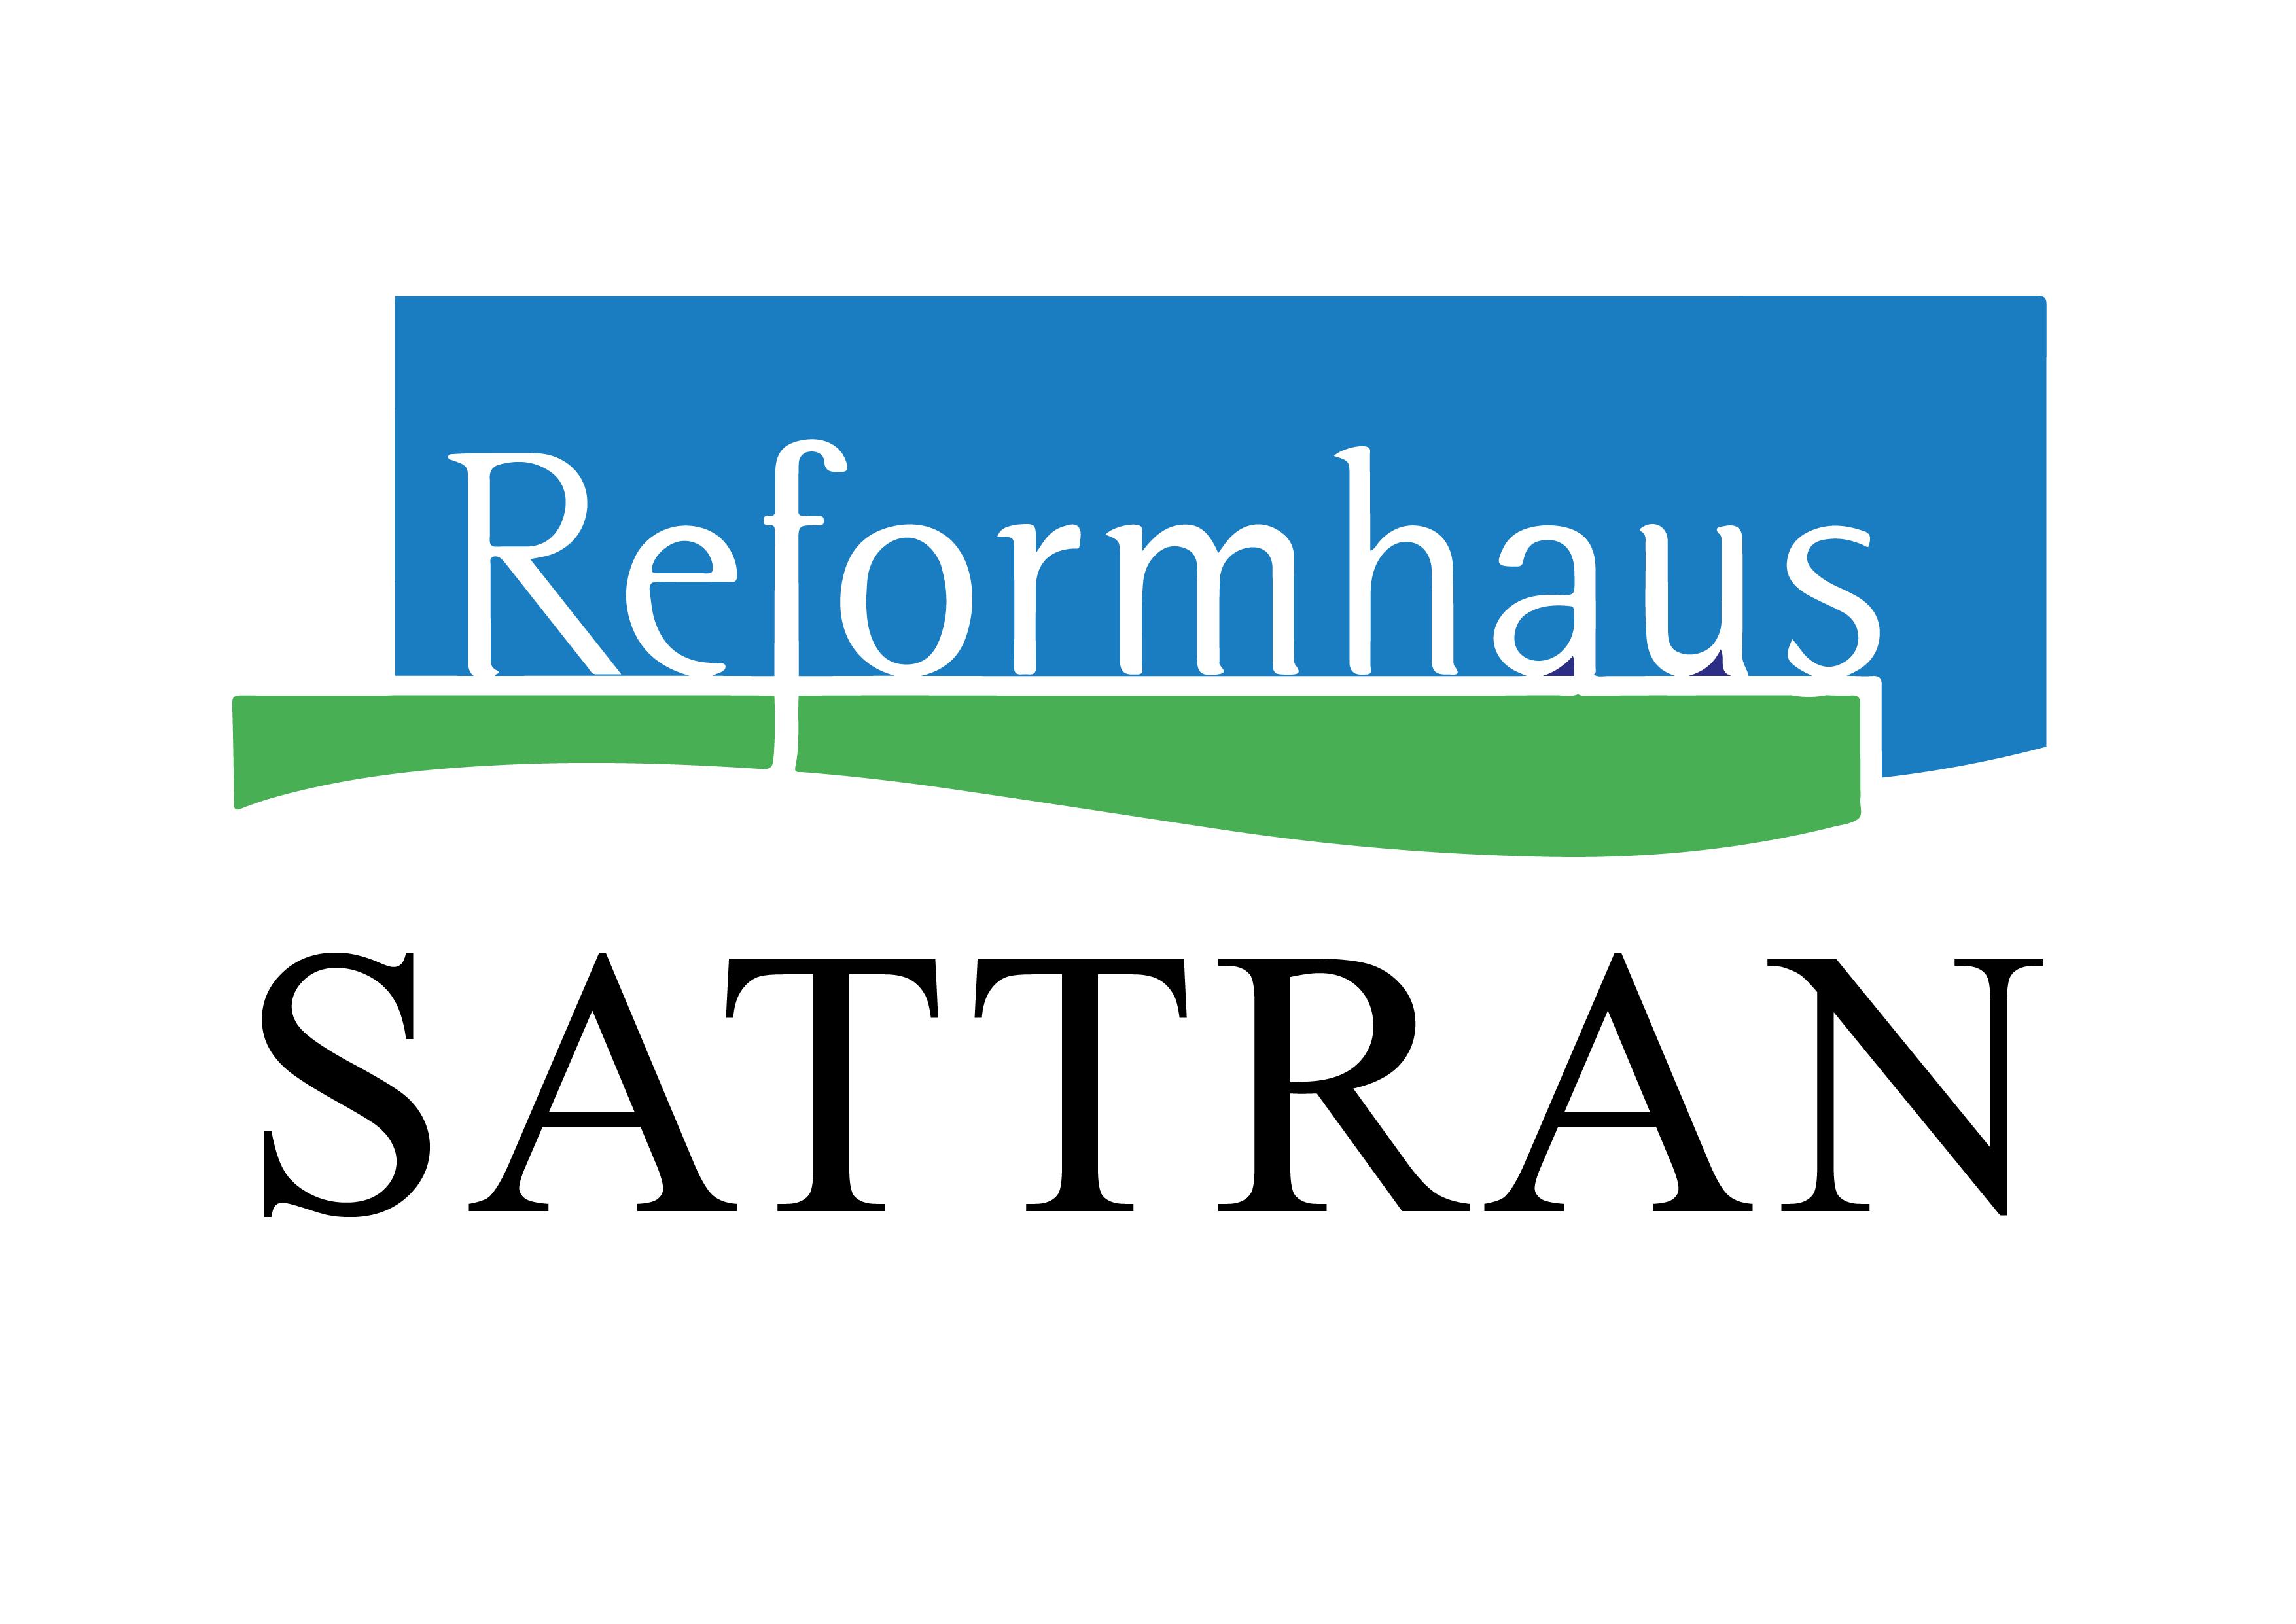 Shop-Vielfalt mit Anspruch | Reformhaus Sattran